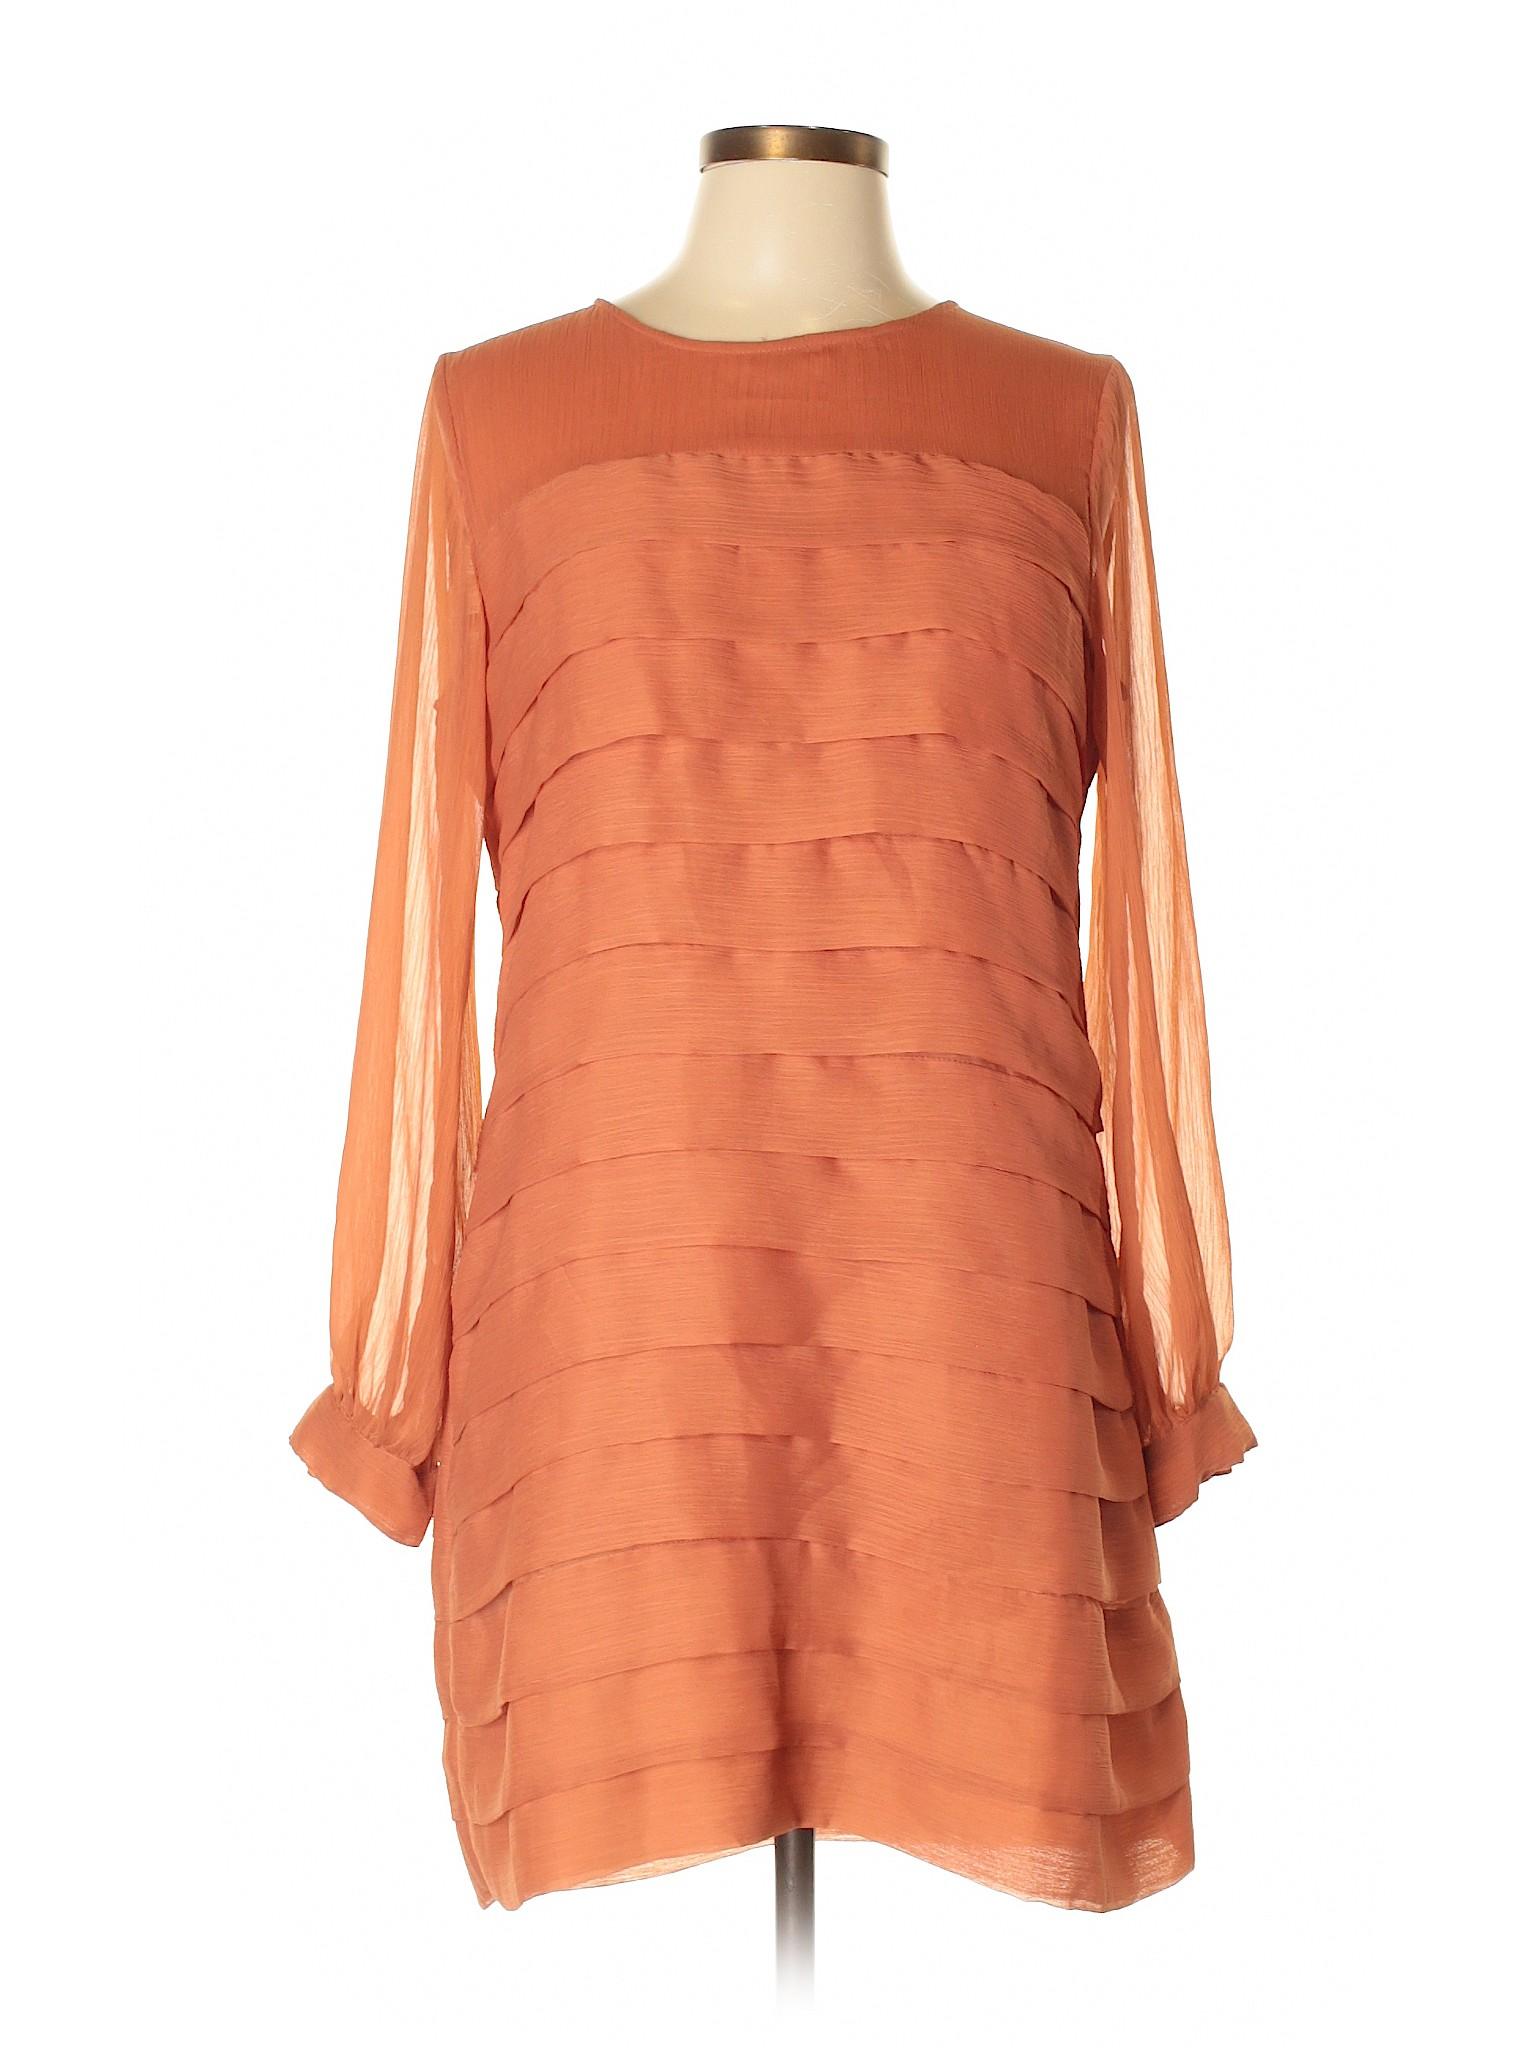 Boutique Casual winter Dress Boutique winter Topshop 5wfZ8